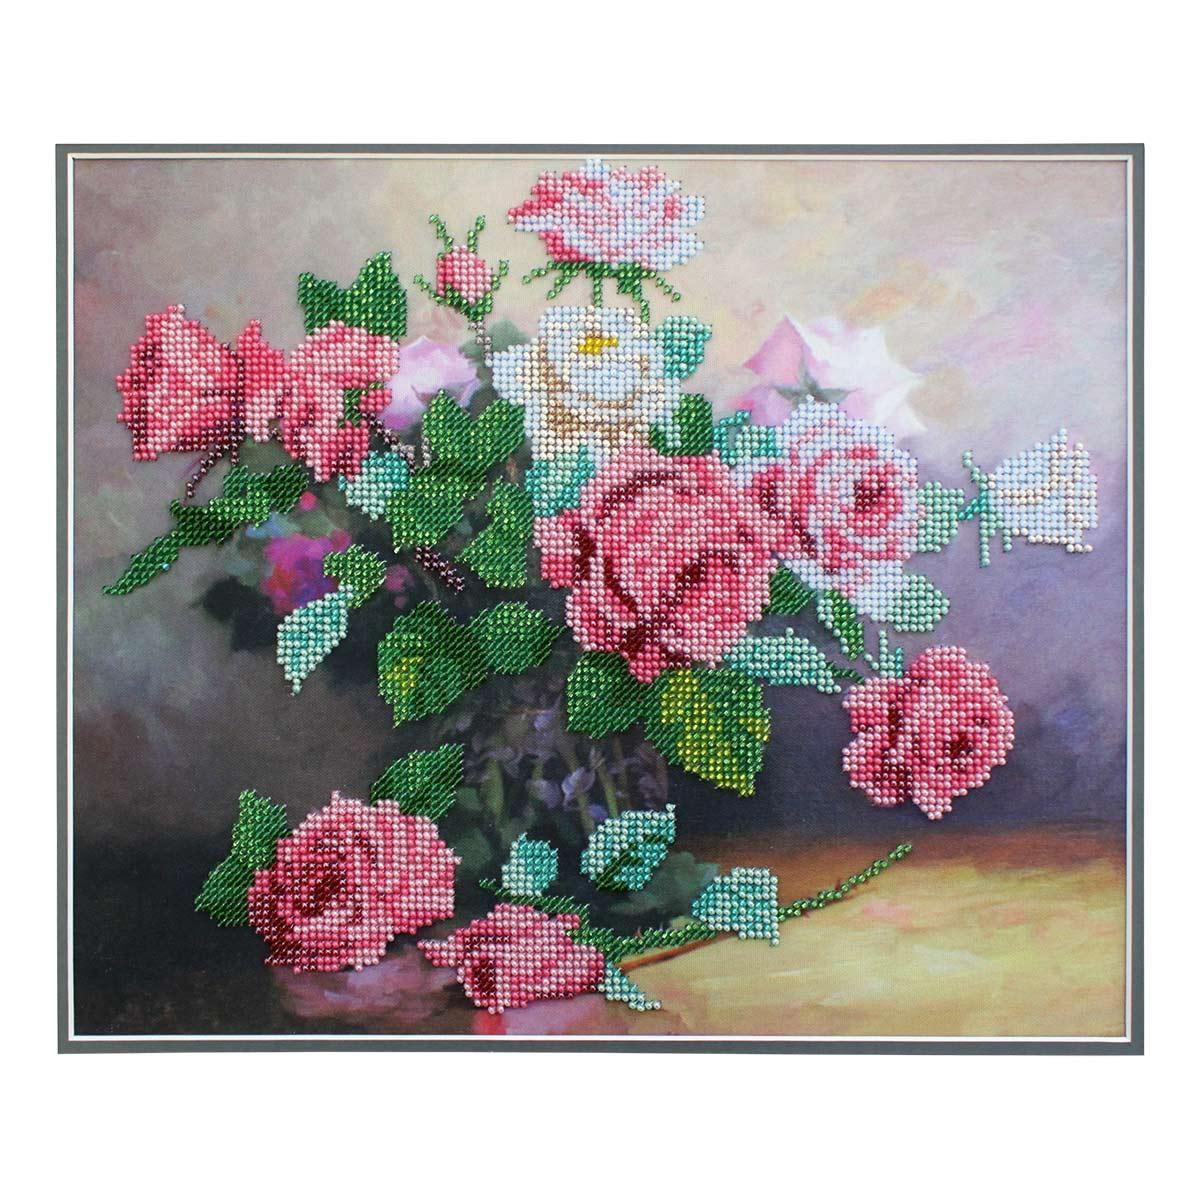 БН-3128 Набор для вышивания бисером Hobby&Pro 'Букет роз', 30*25 см